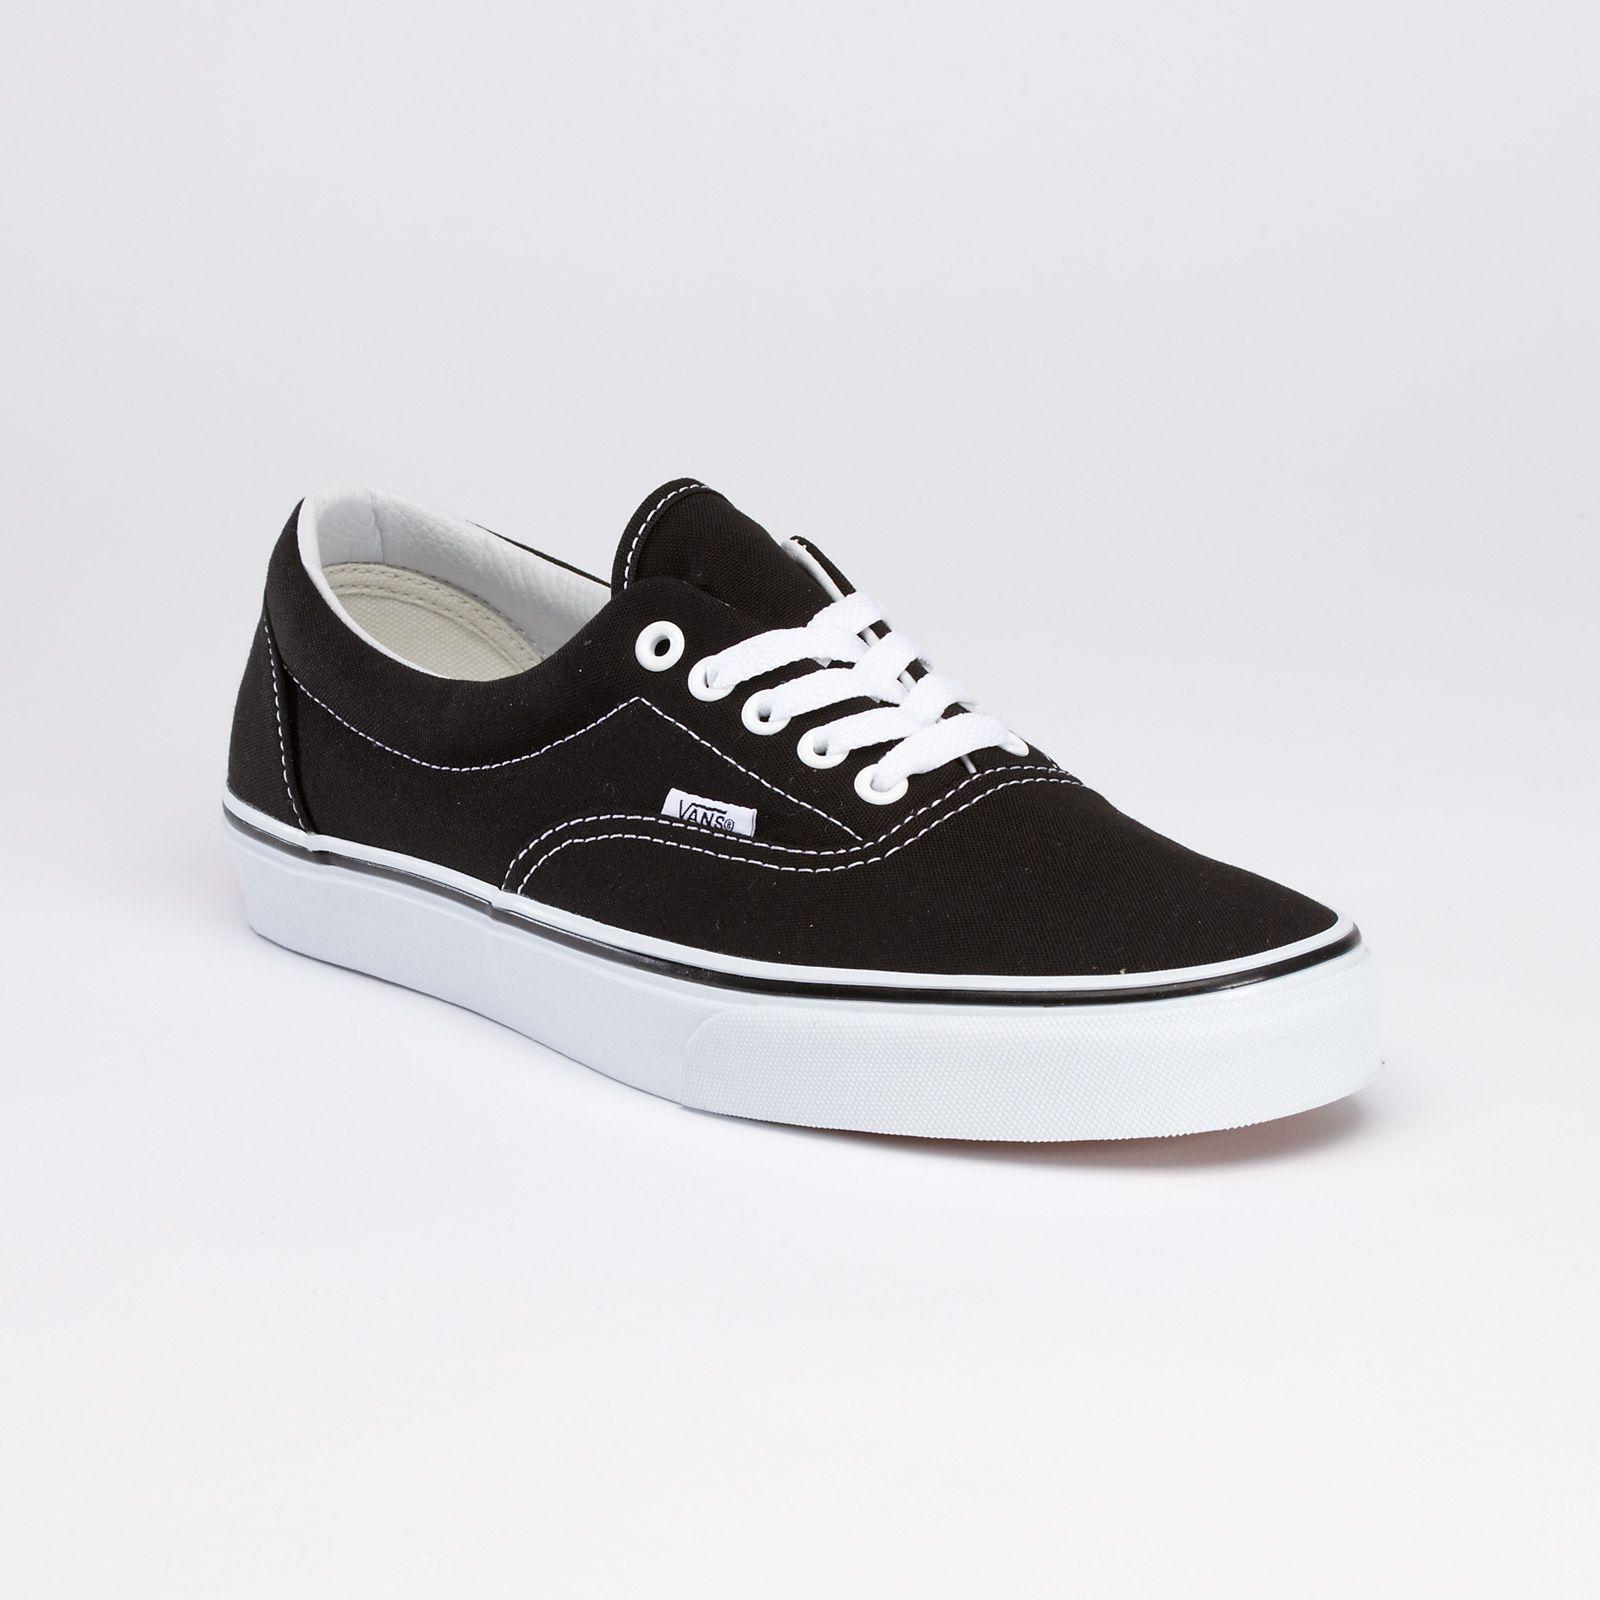 702985fec4 VANS Original Classic Era  45. VANS Original Classic Era  45 Mens Vans Shoes